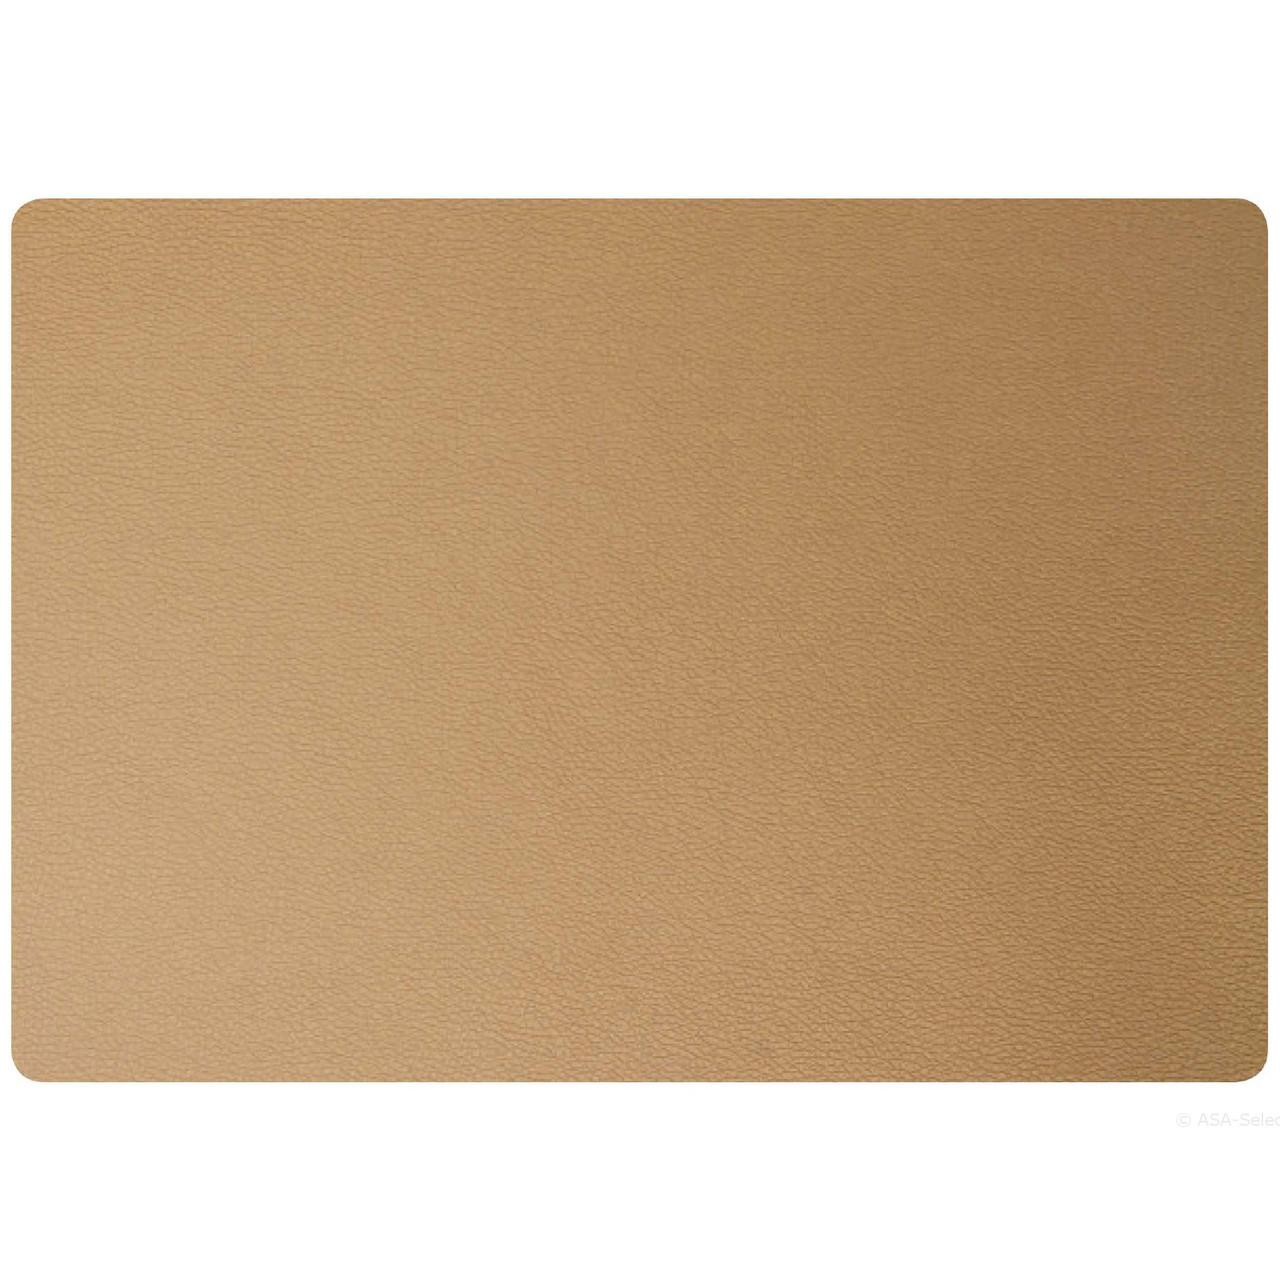 Підкладка під тарілку сервірувальна Asa 46*33 см шкіра бронза 7813420